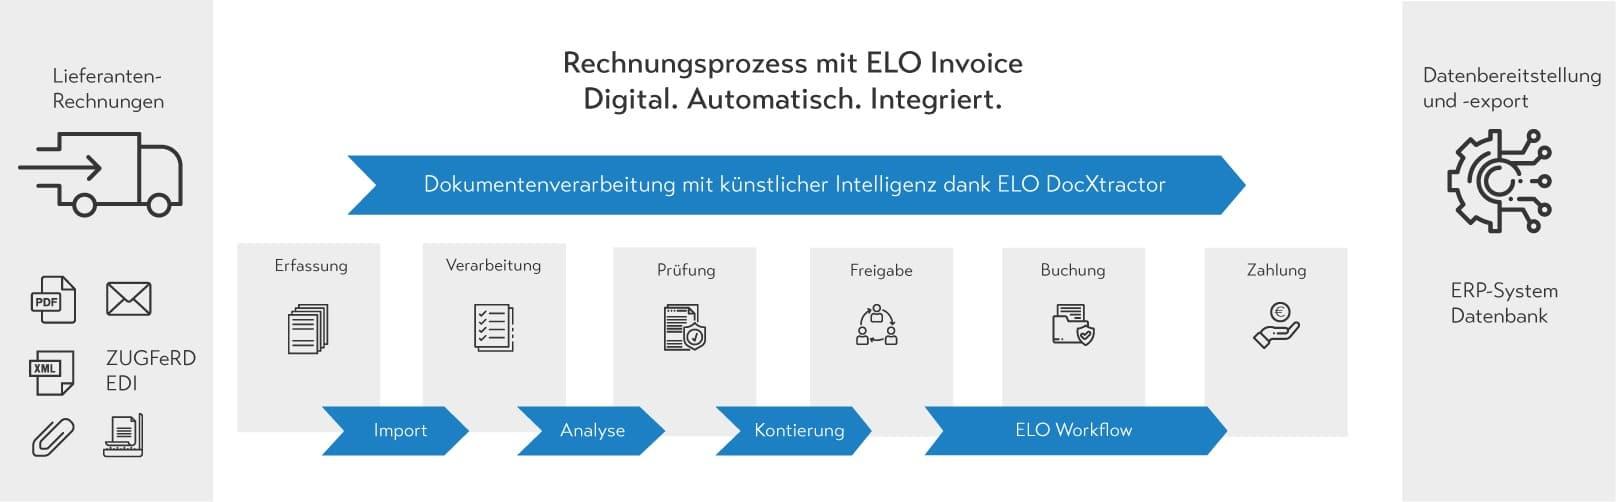 ELO Invoice